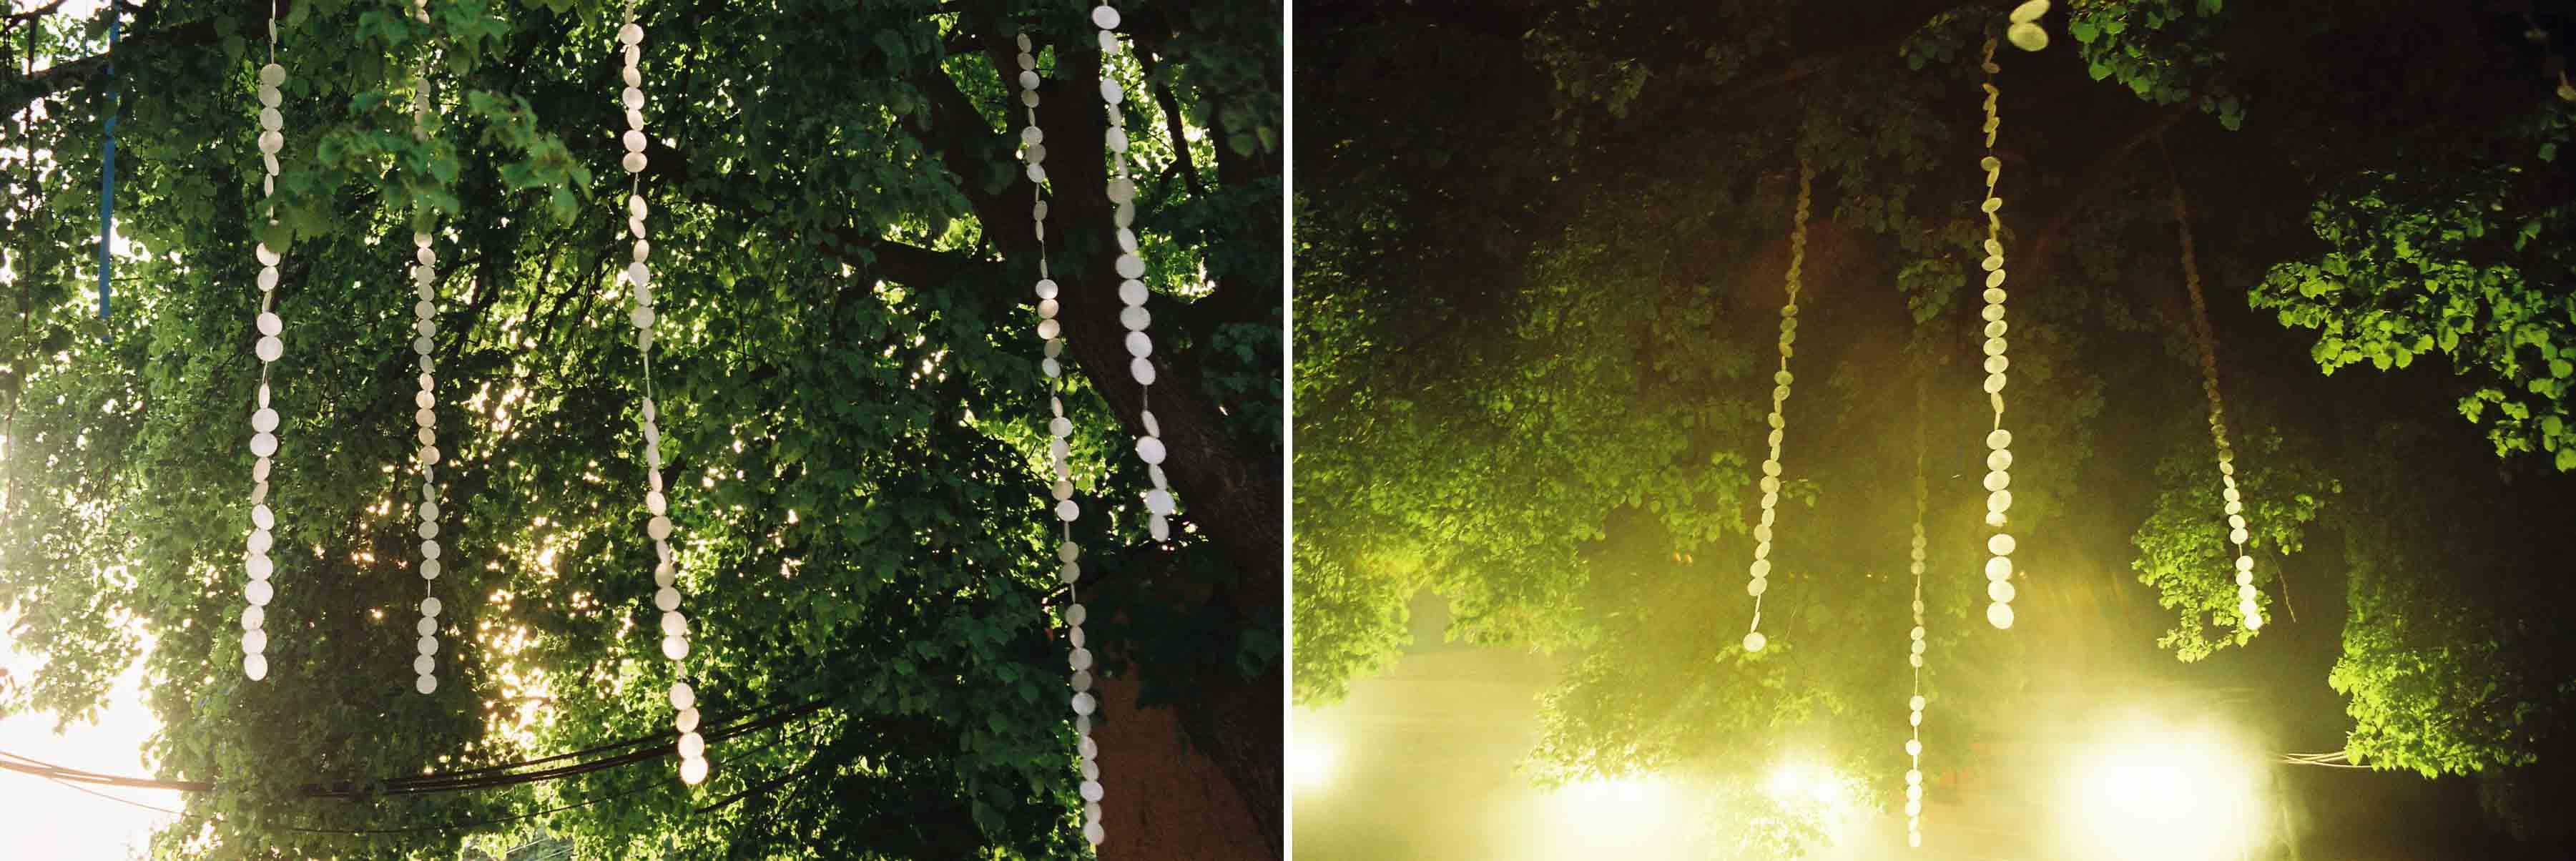 Deko Muschelkette im Baum